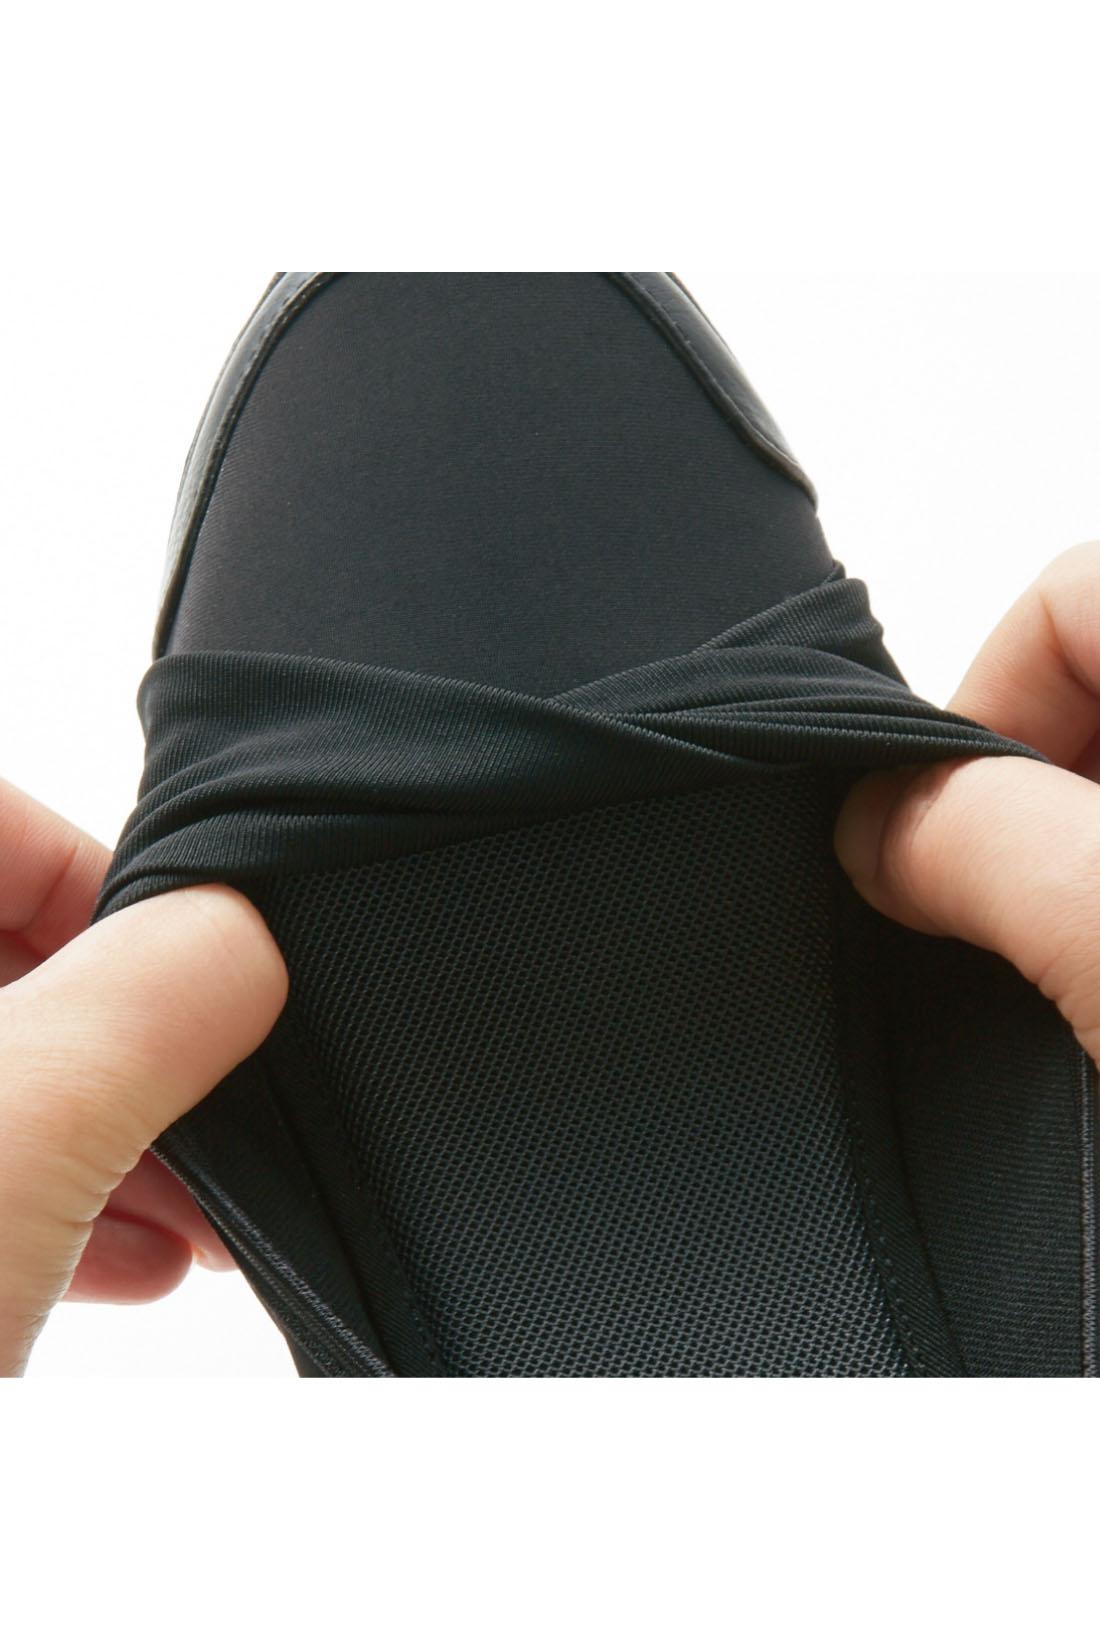 アッパーもサイドもストレッチ素材で脱げやすさも軽減。足当たりがやさしく、長時間歩いてもOK。